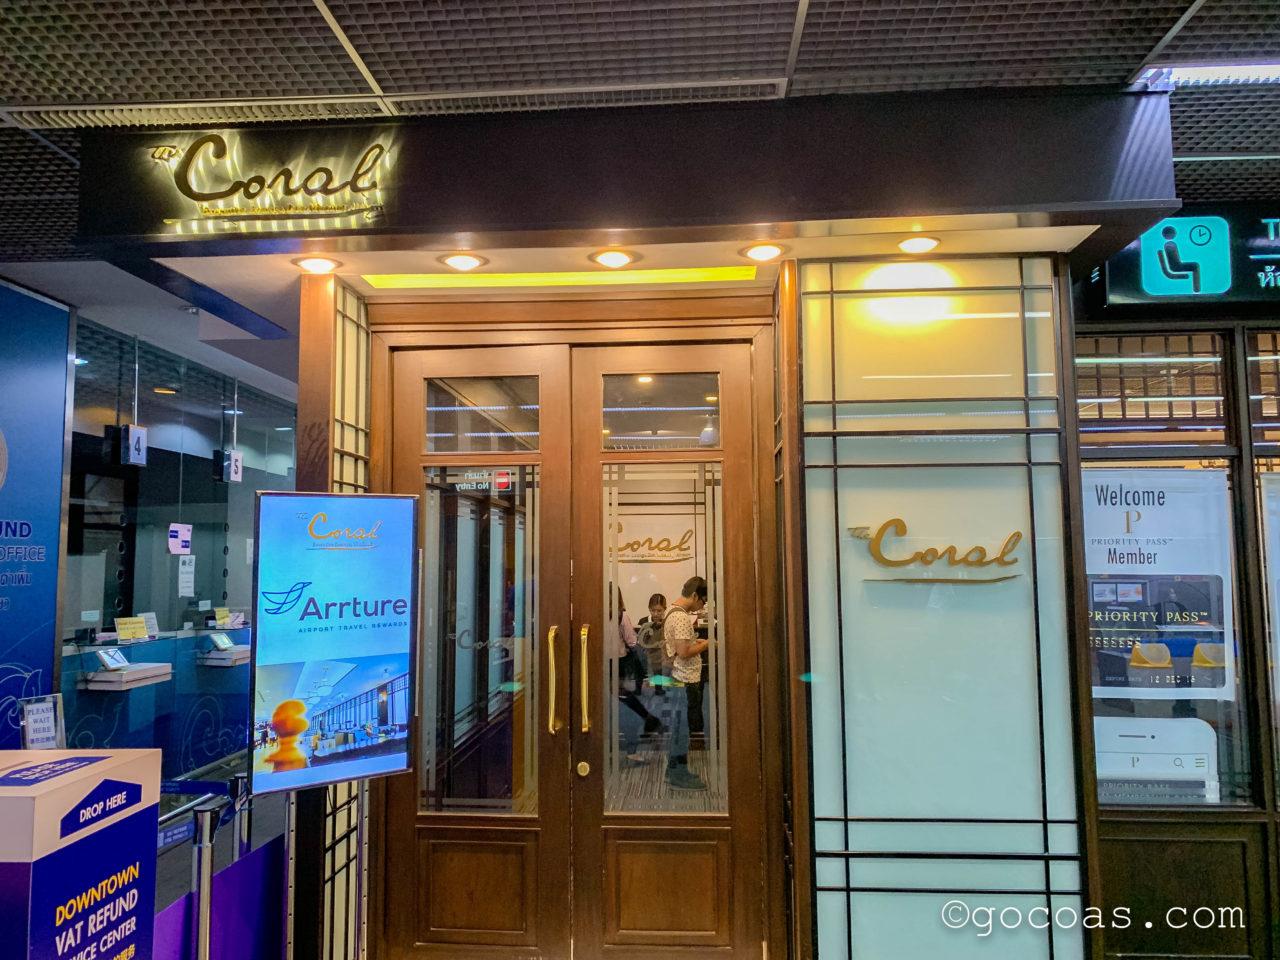 ドンムアン空港のTHE CORAL EXECUTIVE LOUNGE入口